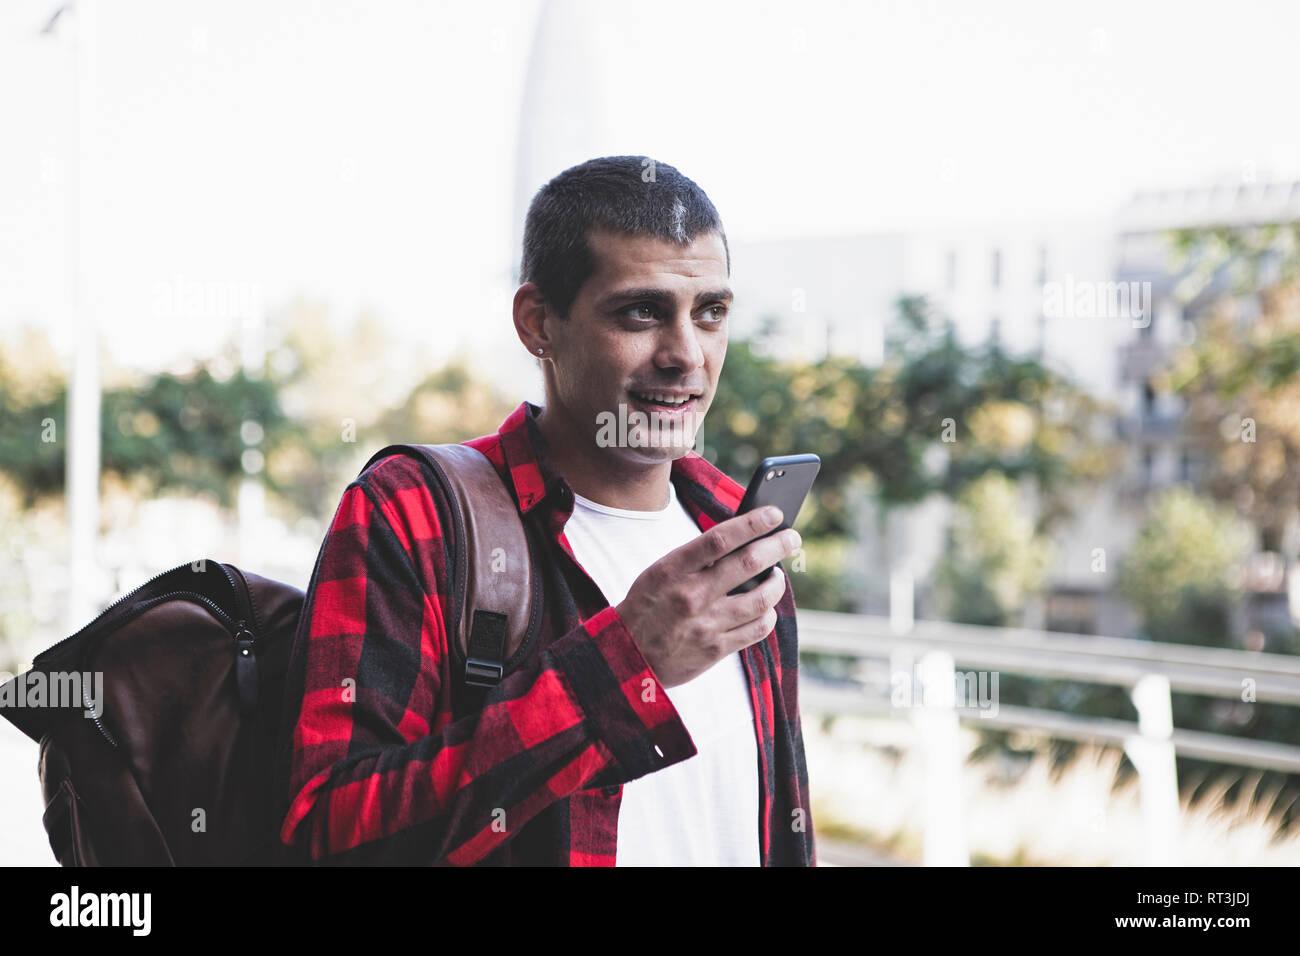 Junger Mann mit Rucksack und Handy unterwegs. Stockfoto